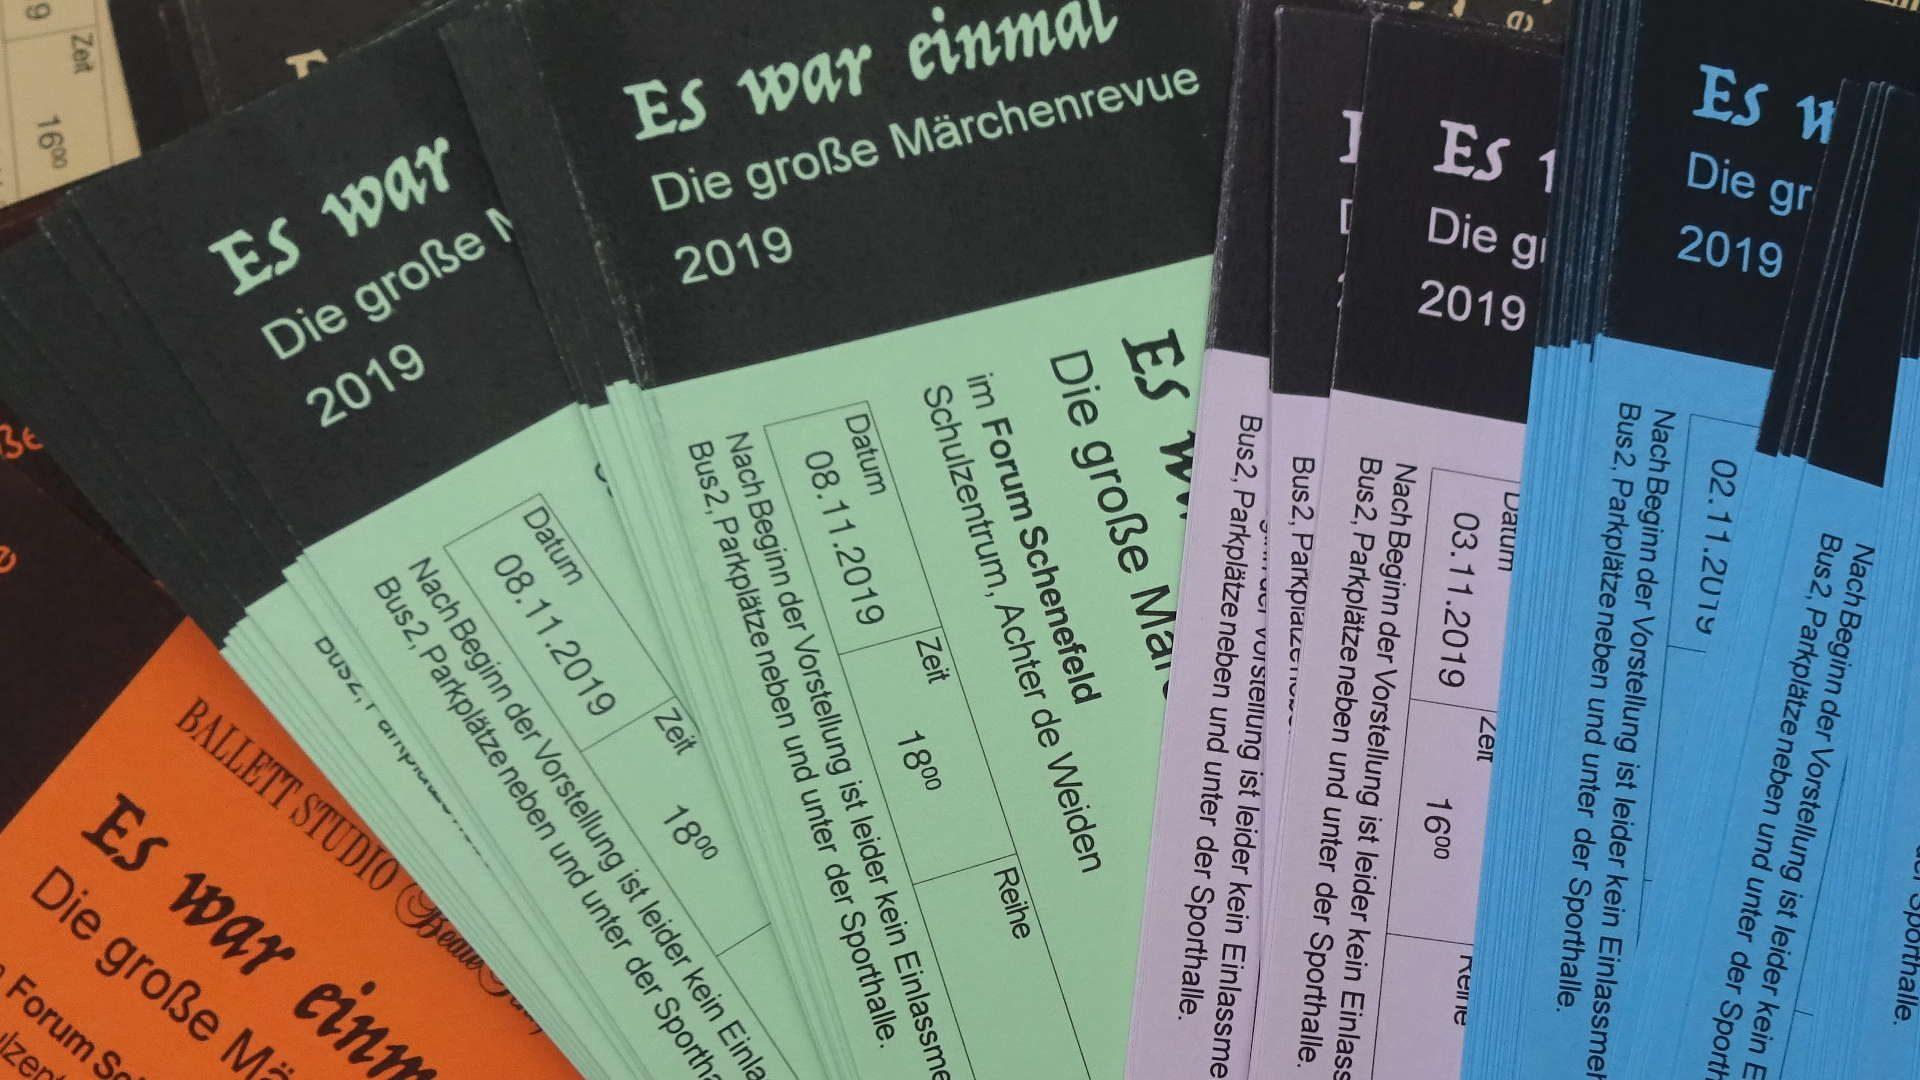 Show 2019 - Der Kartenverkauf beginnt...